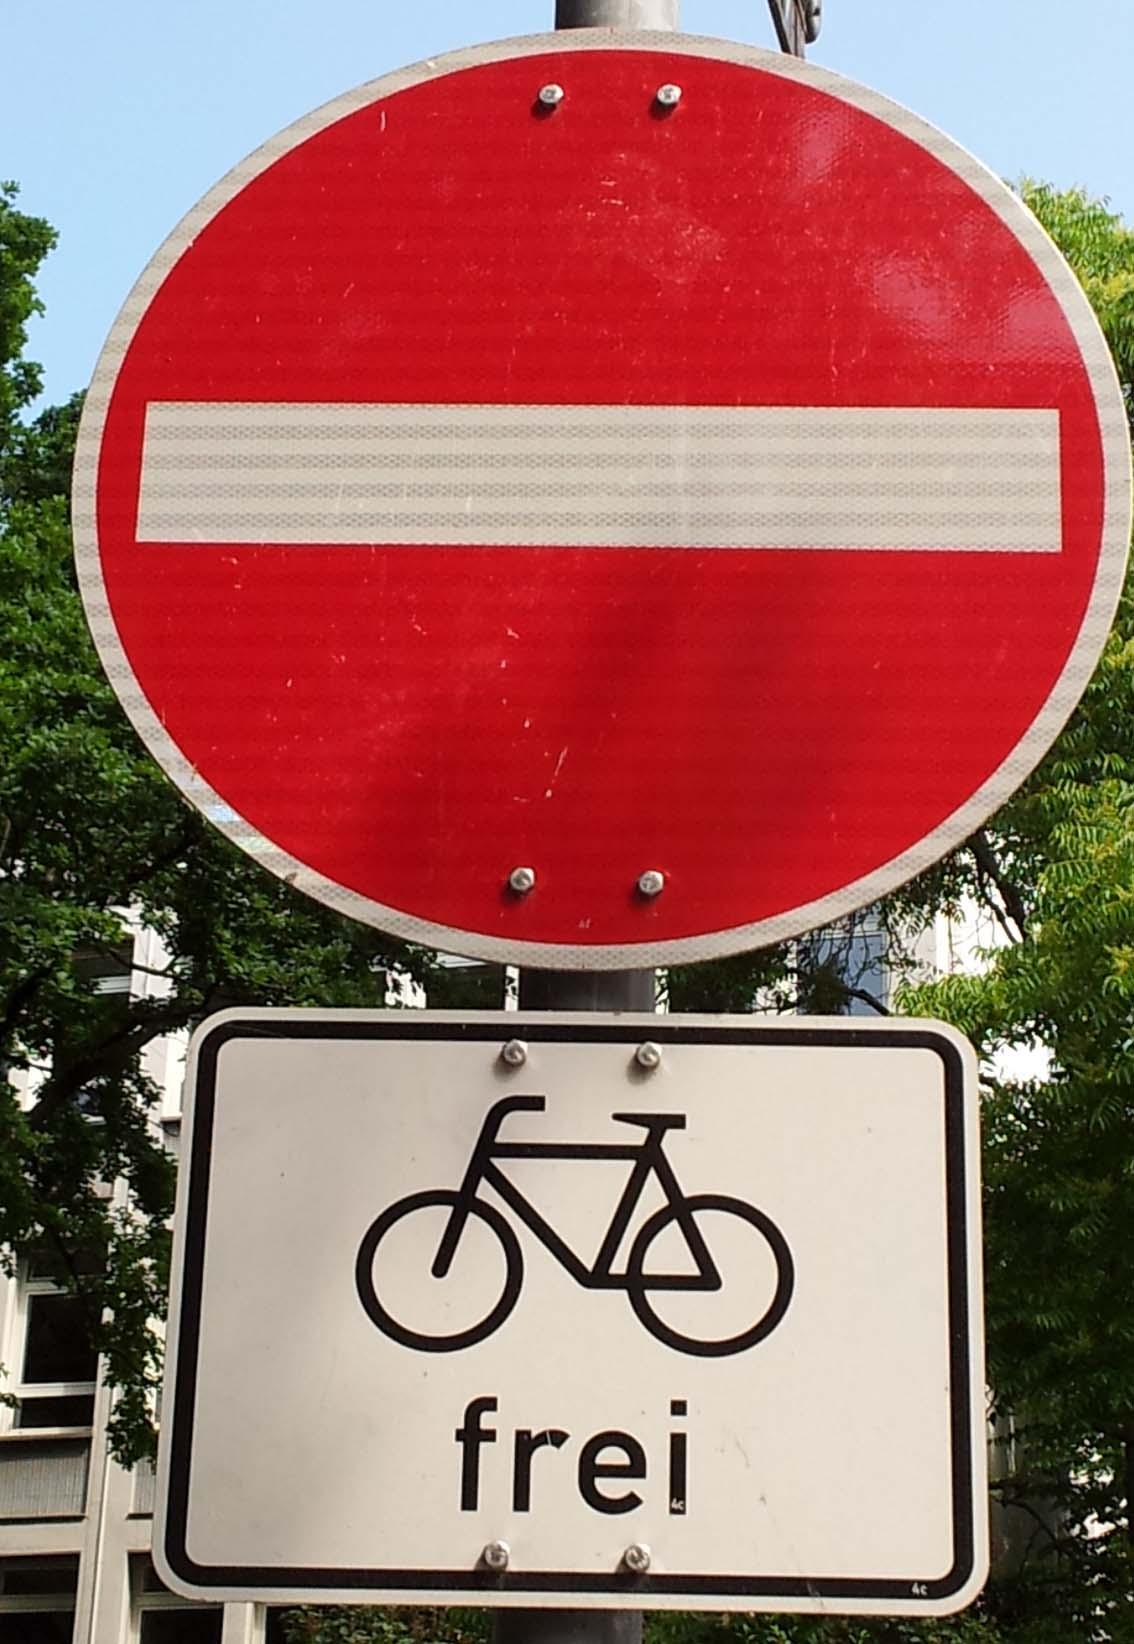 fietsen vrij